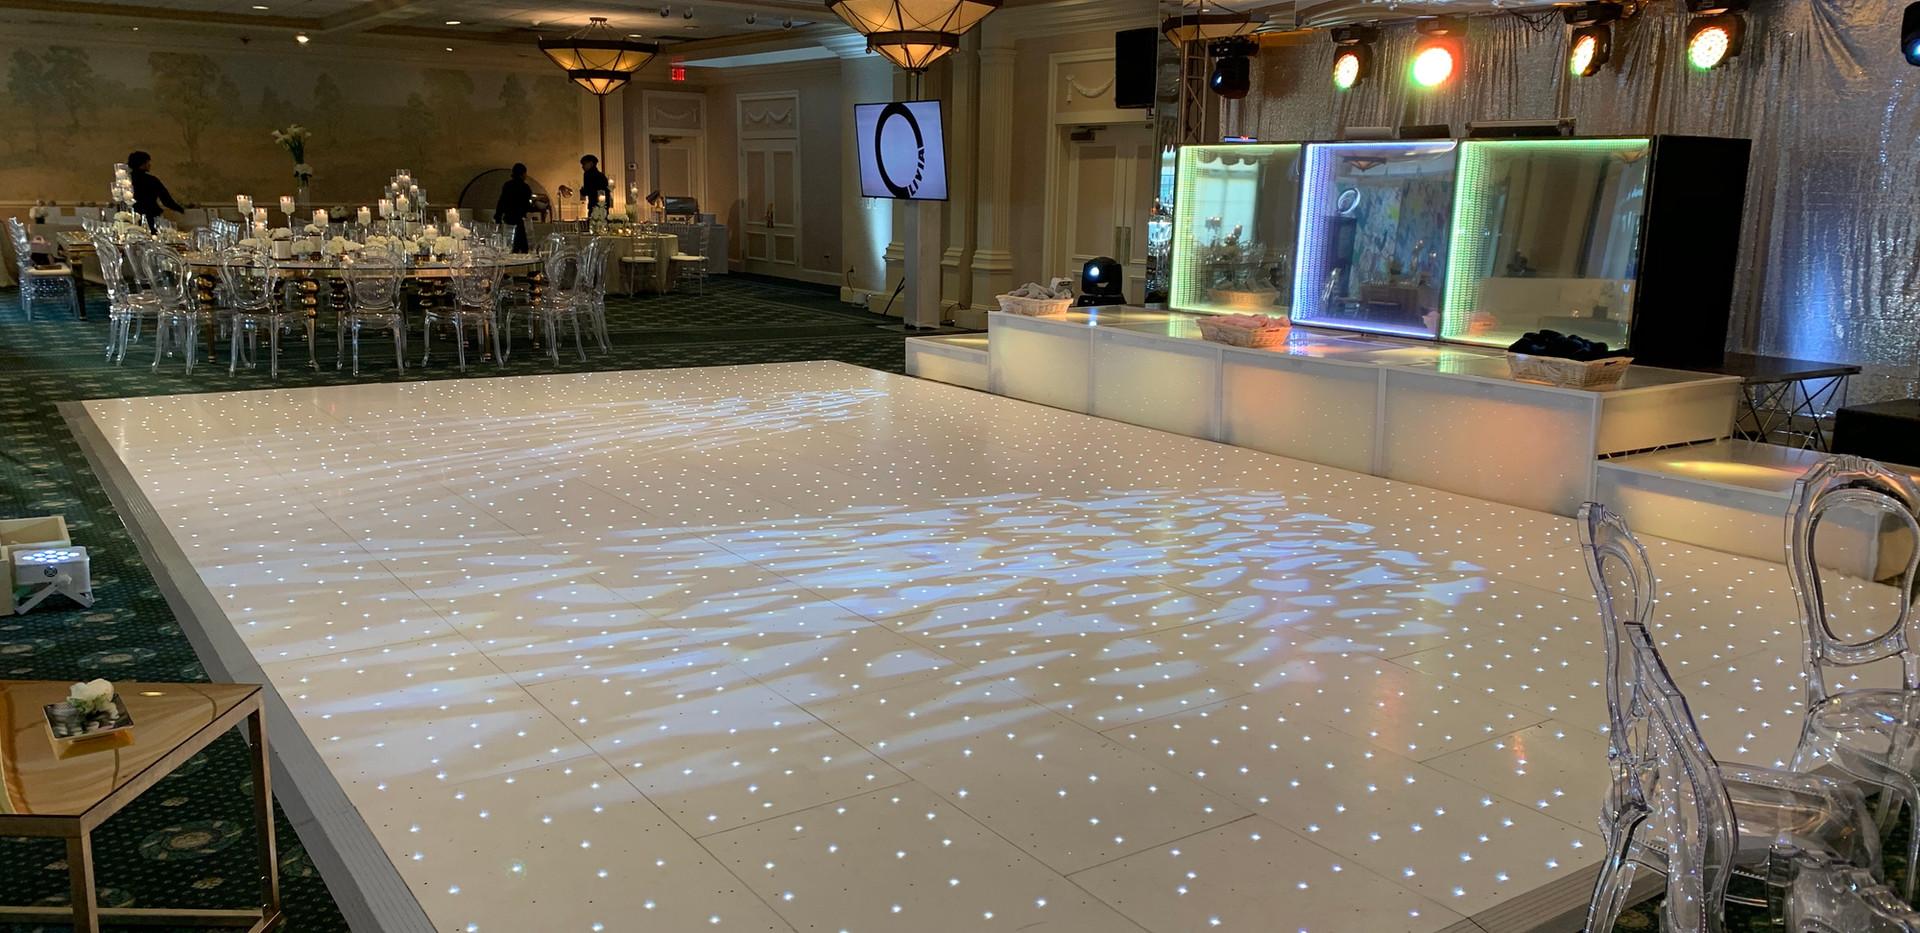 star light dacne floor 2.jpg